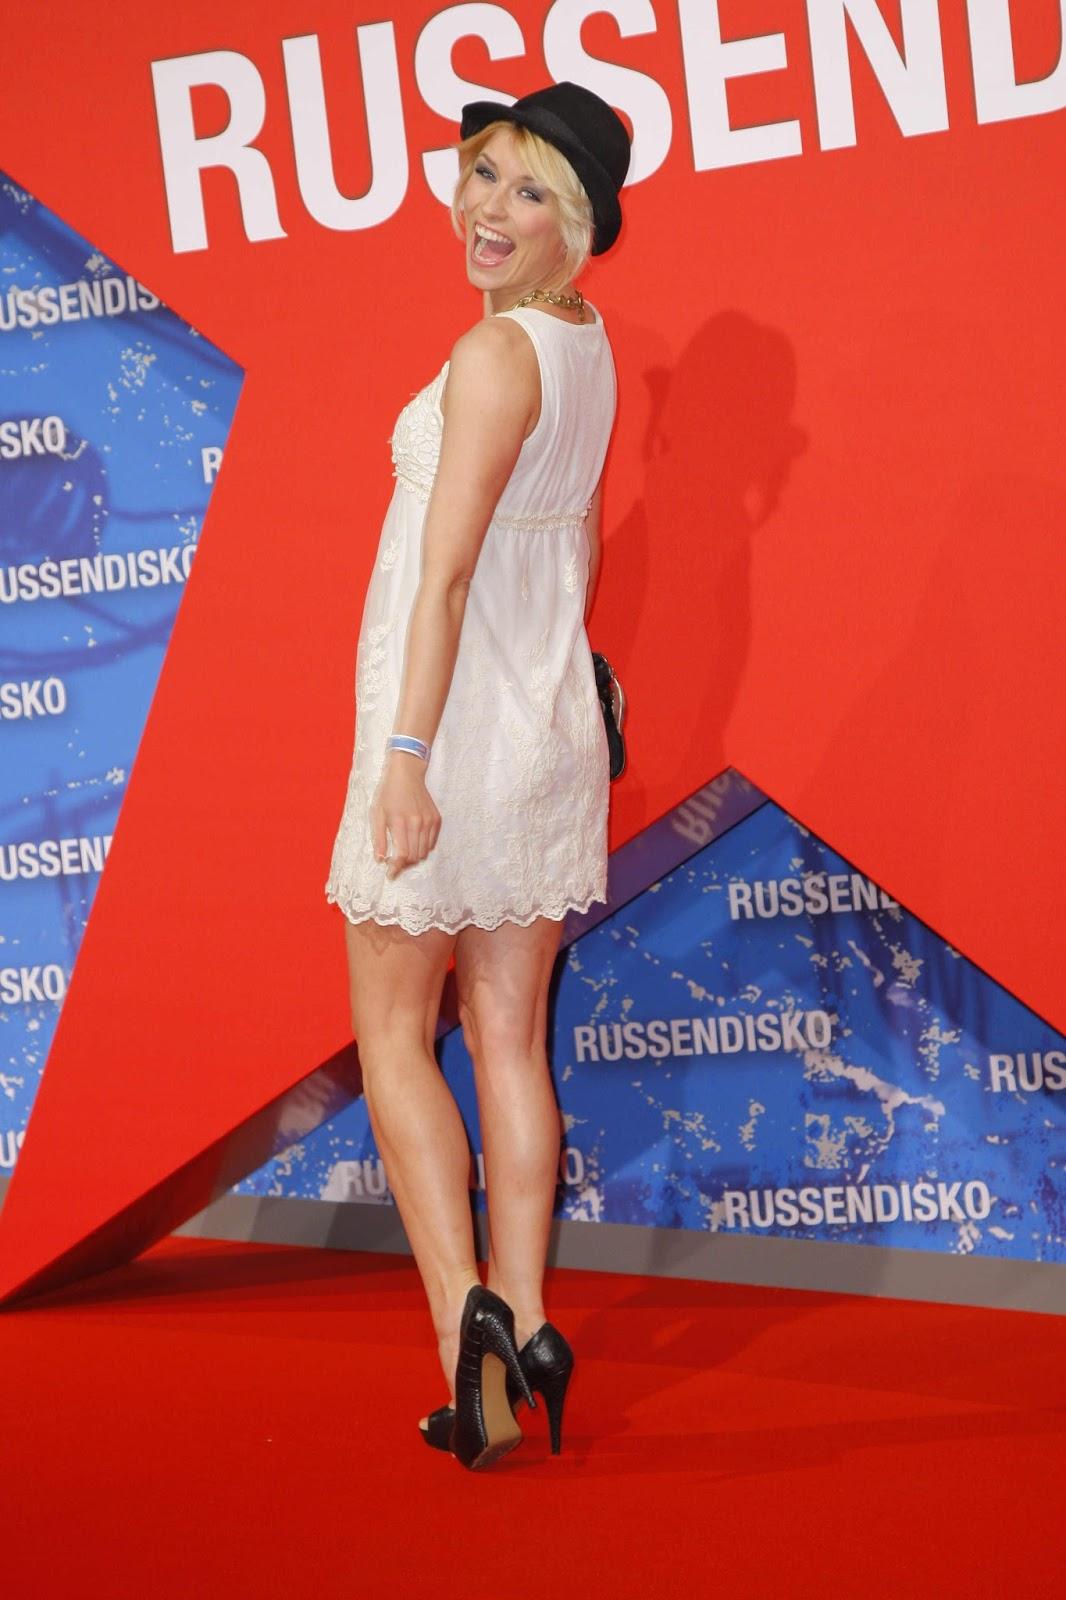 Annica Hansen Hot Photos at Russendisko World Premiere